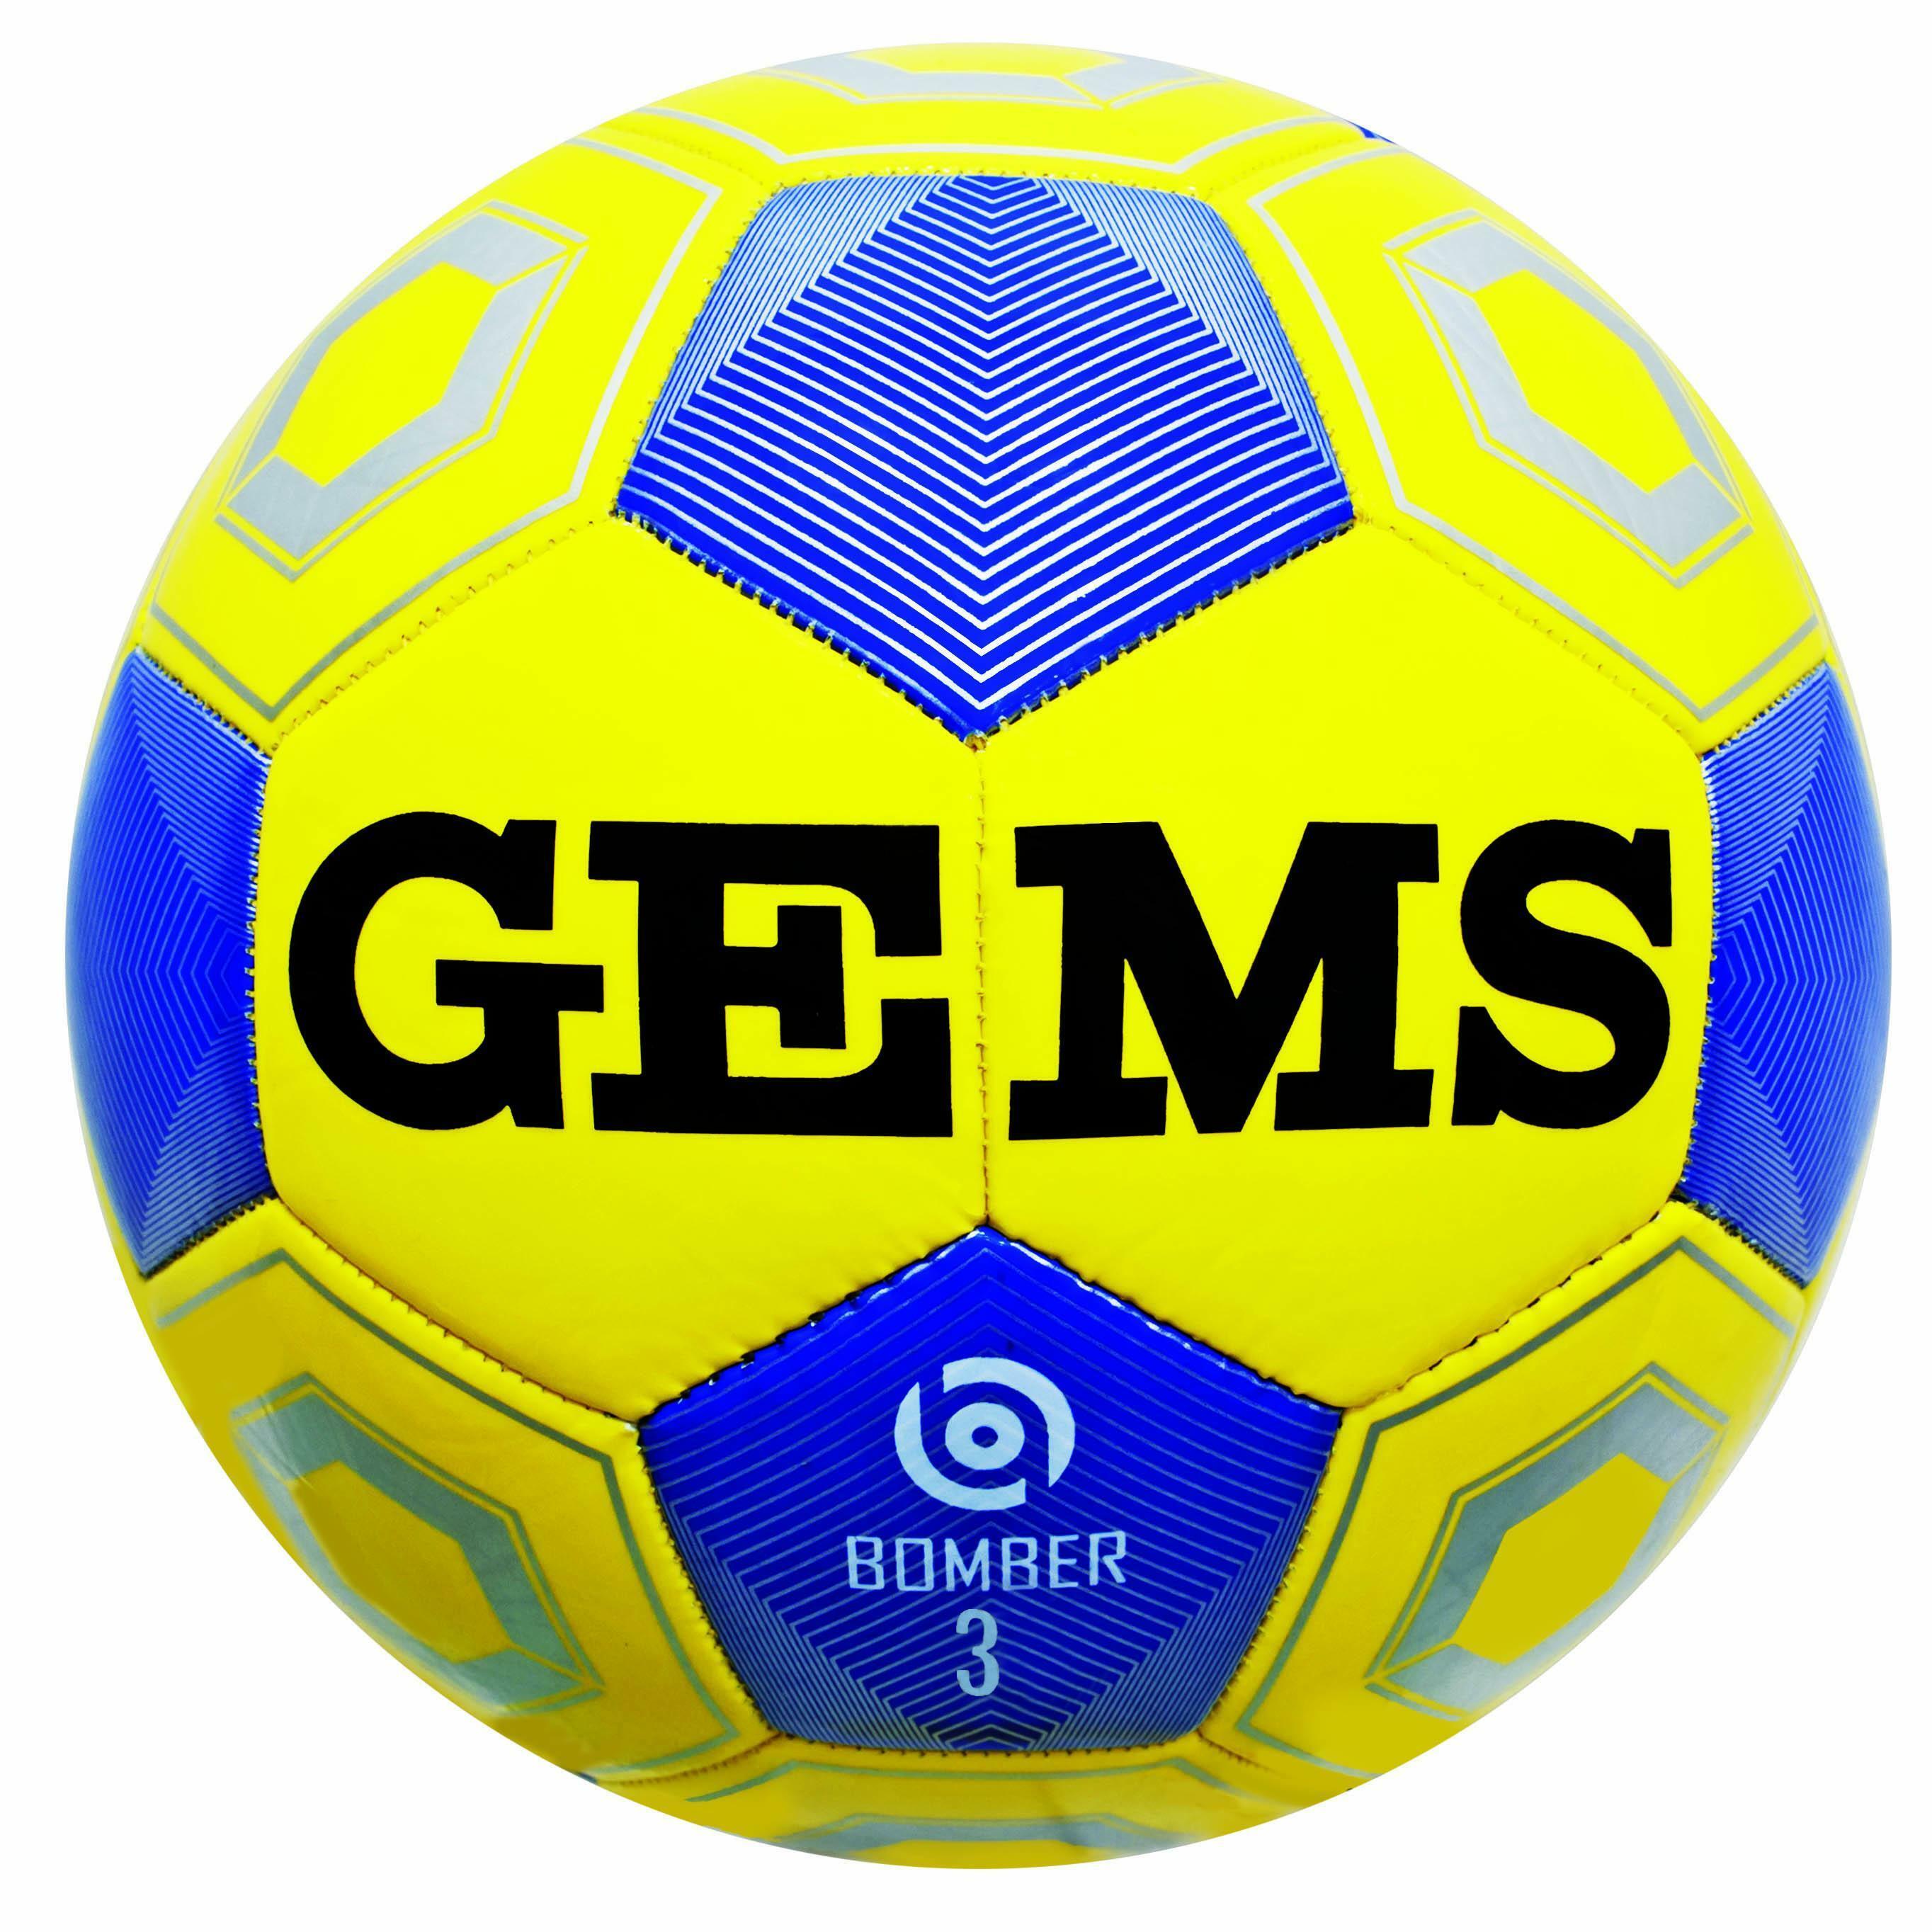 gems gems pallone bomber 3 giallo